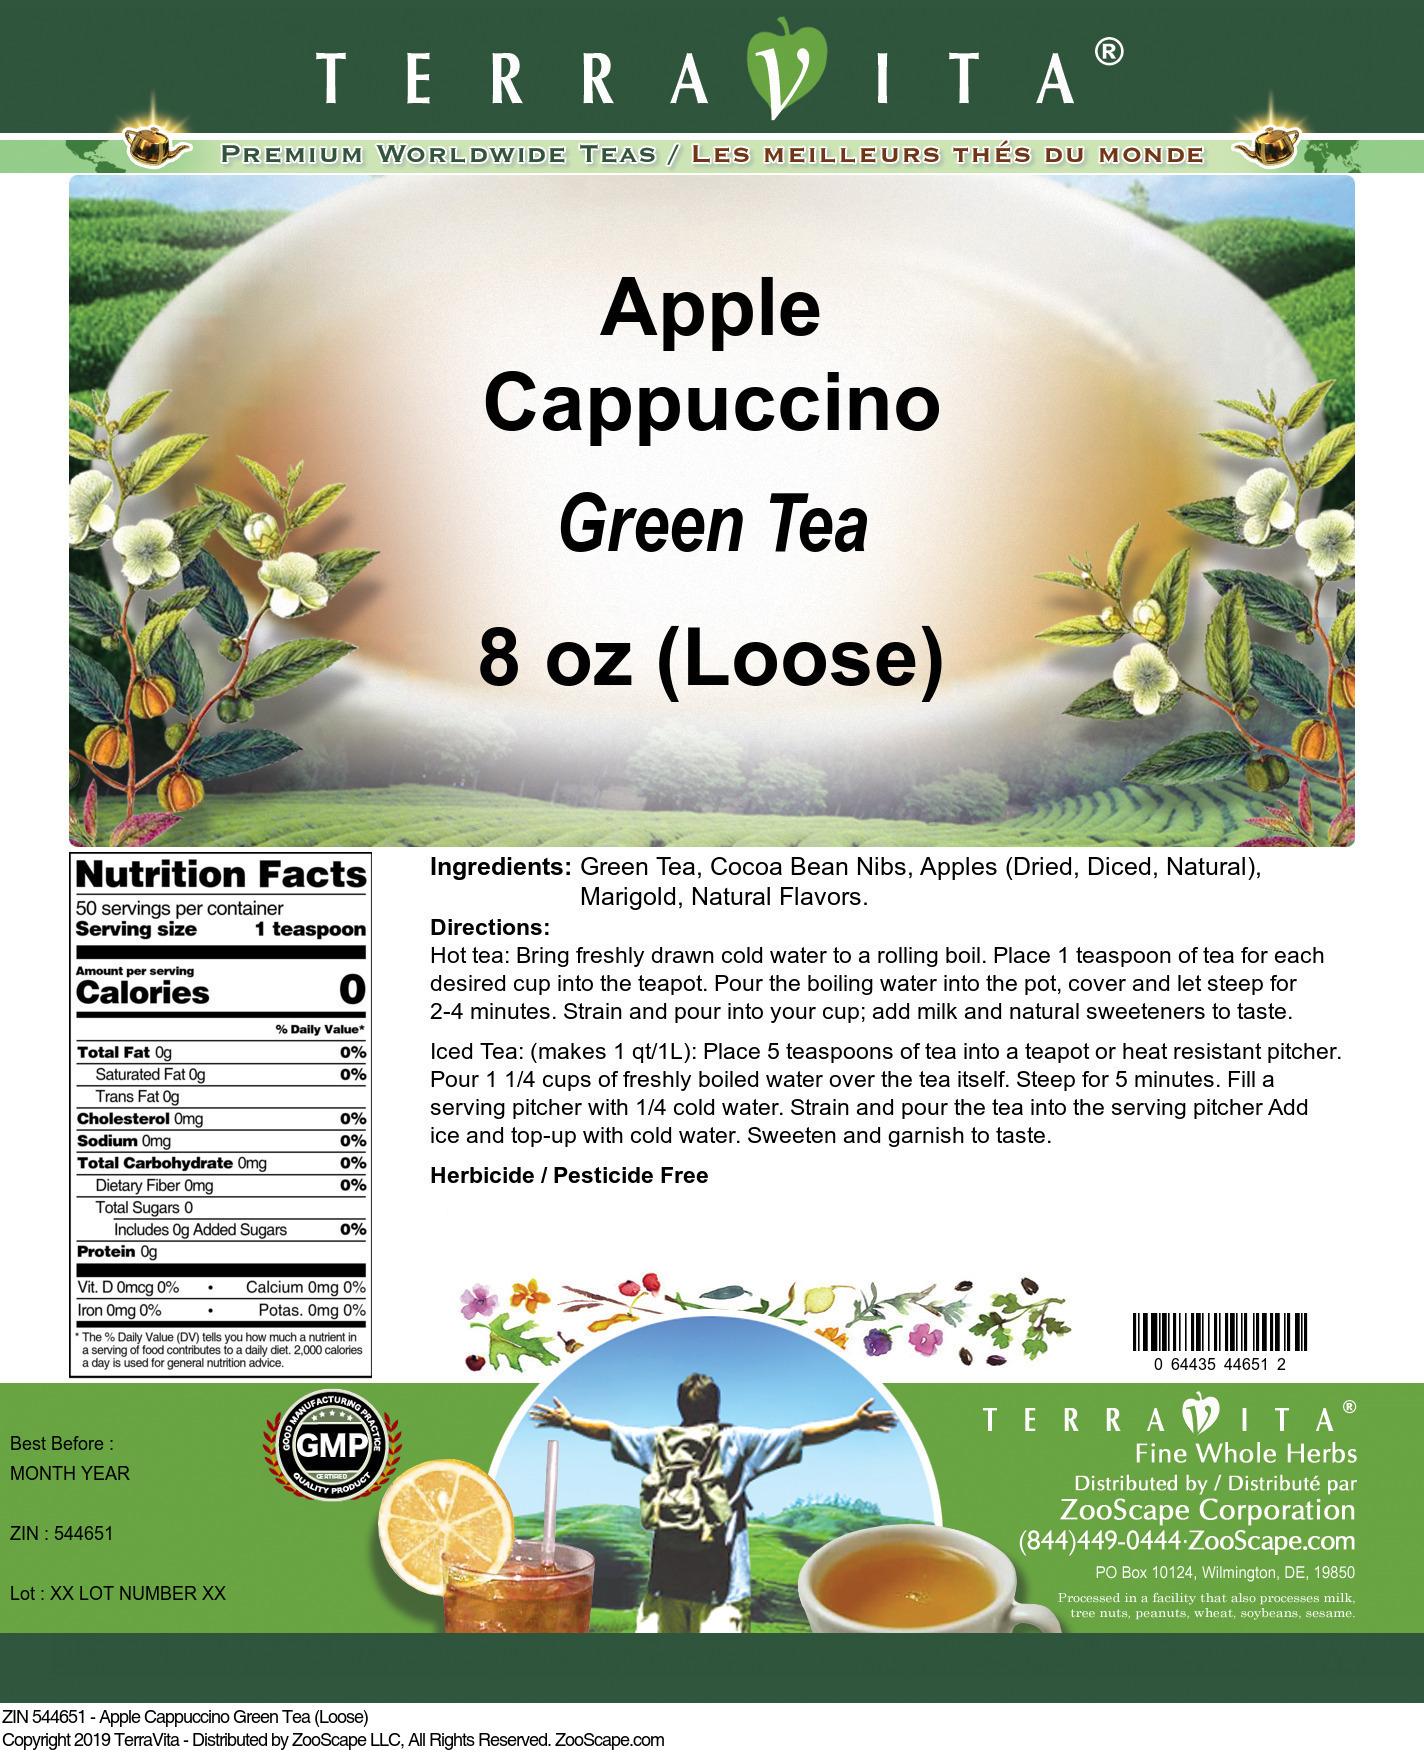 Apple Cappuccino Green Tea